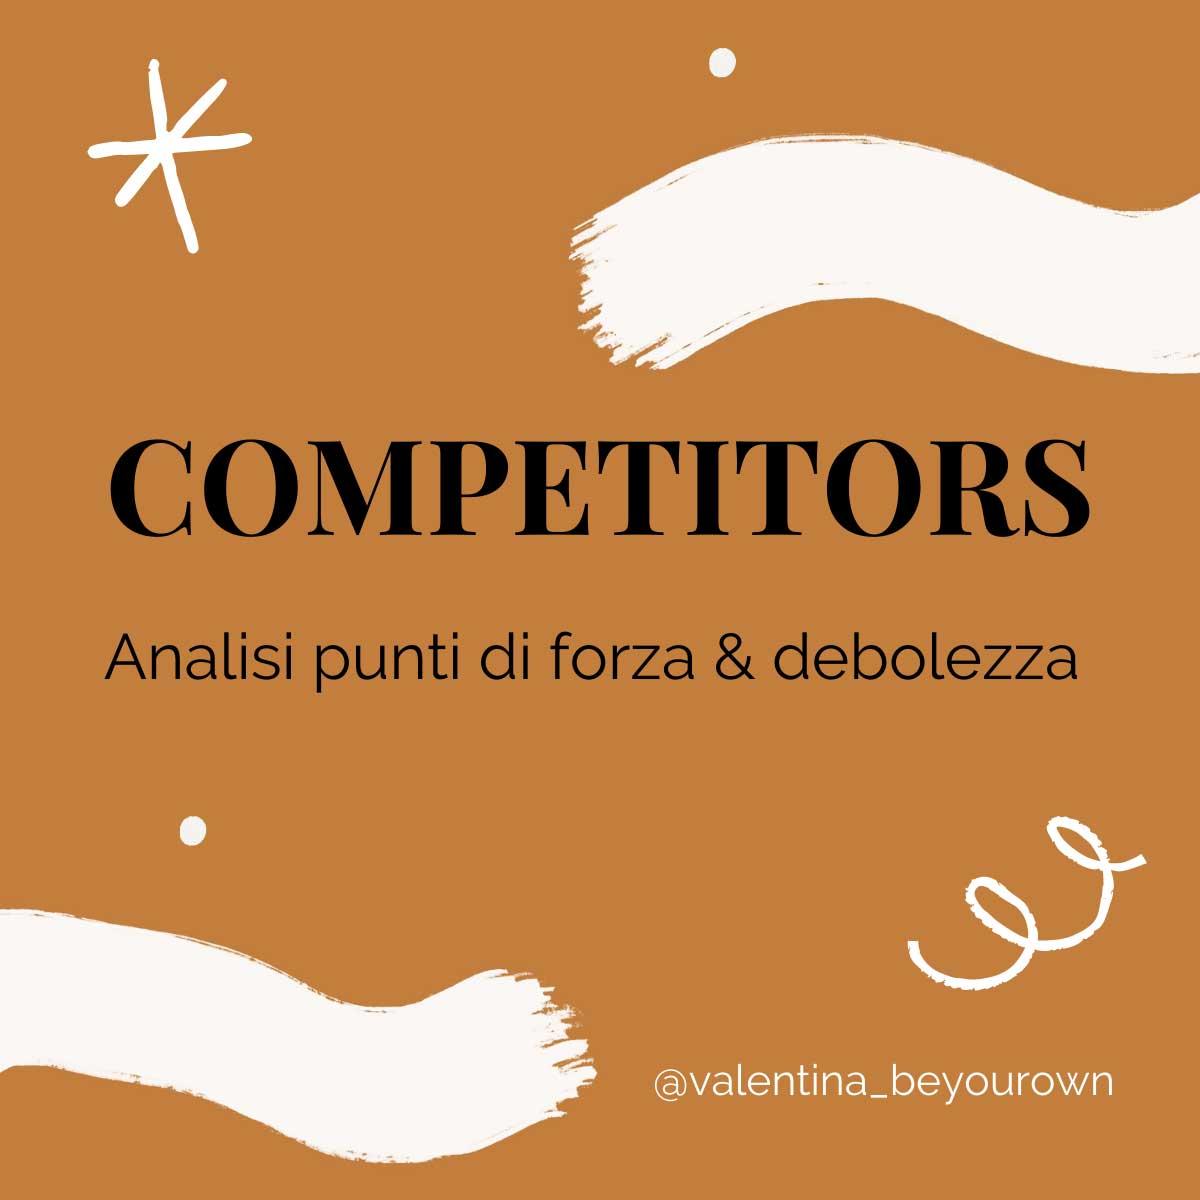 Punti-di-forza-e-debolezza-competitors